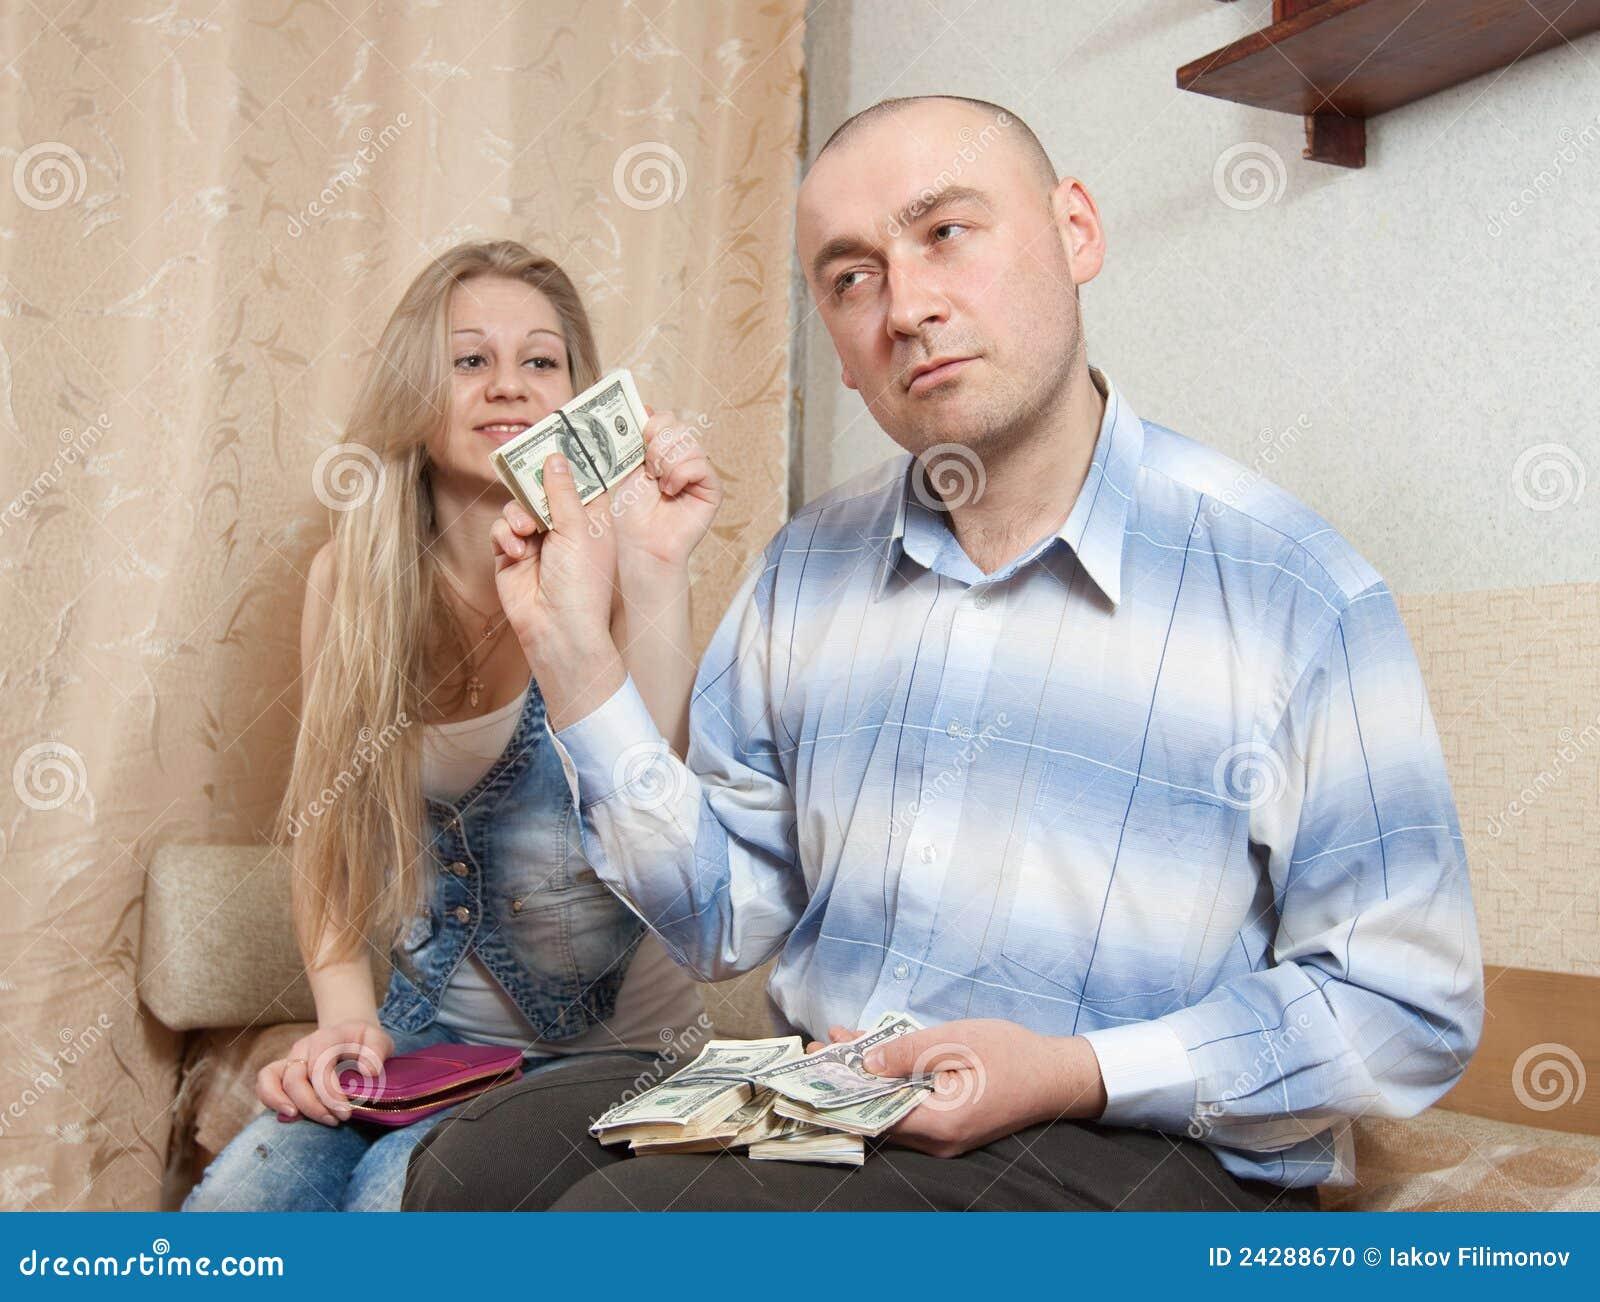 Продают жен за деньги, В русском порно муж продал свою жену за бабло 24 фотография